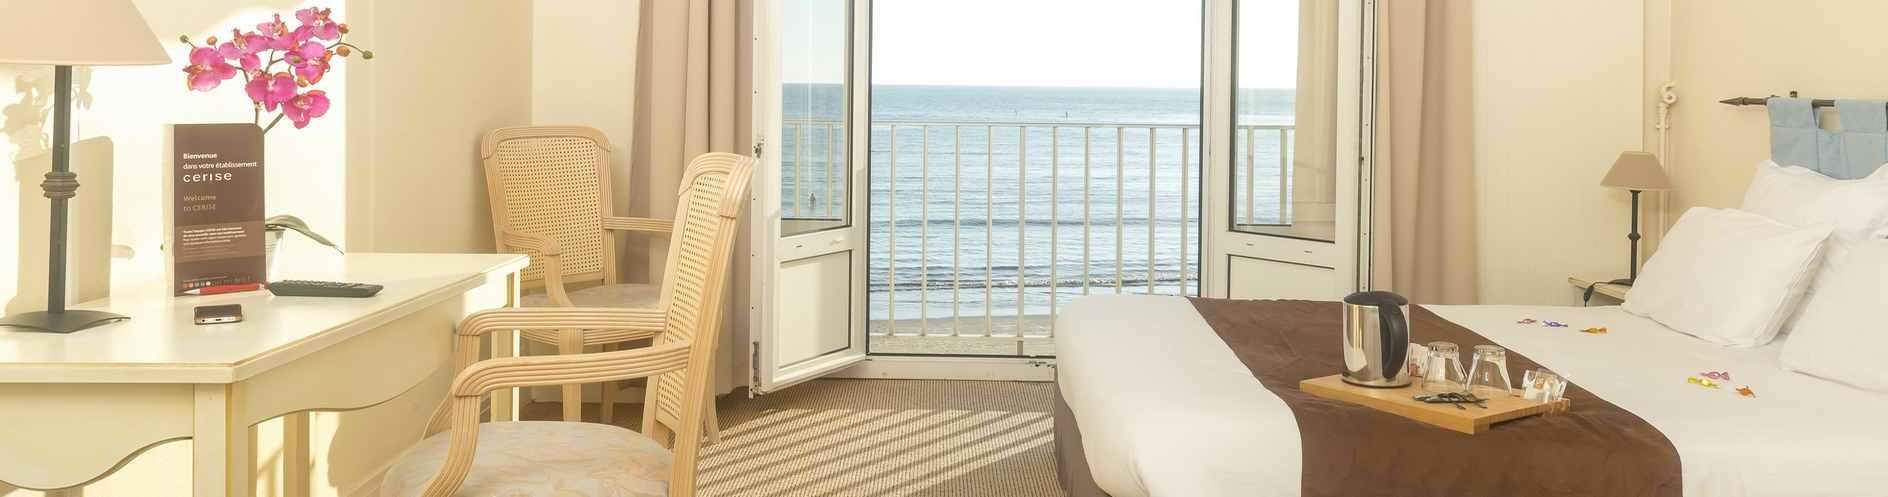 hotel-cerise-royan-le-grand-hotel-de-la-plage-chambre-double-vue-mer-2.jpg